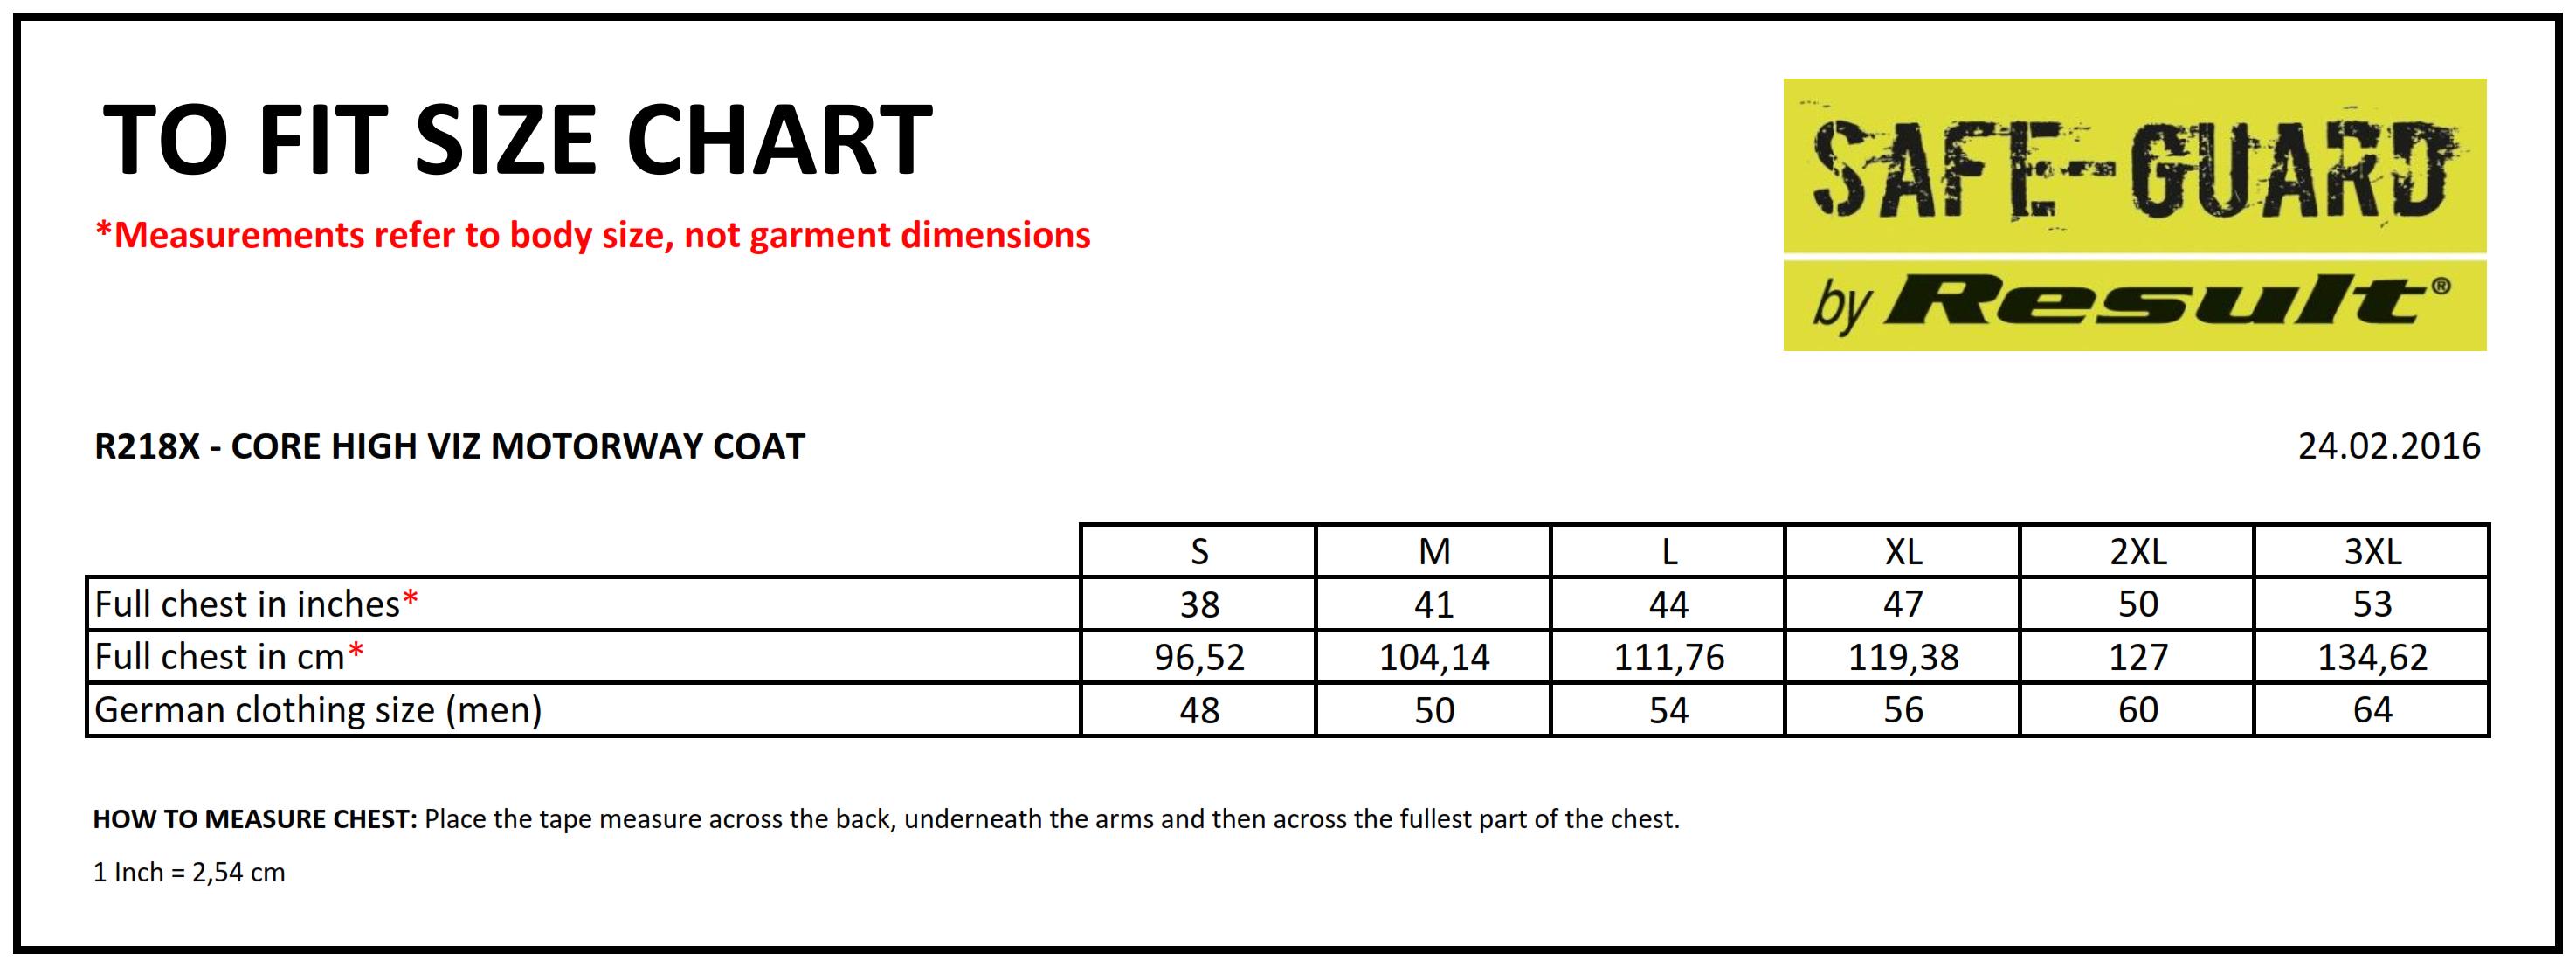 Result: Core High Viz Motorway Coat R218X